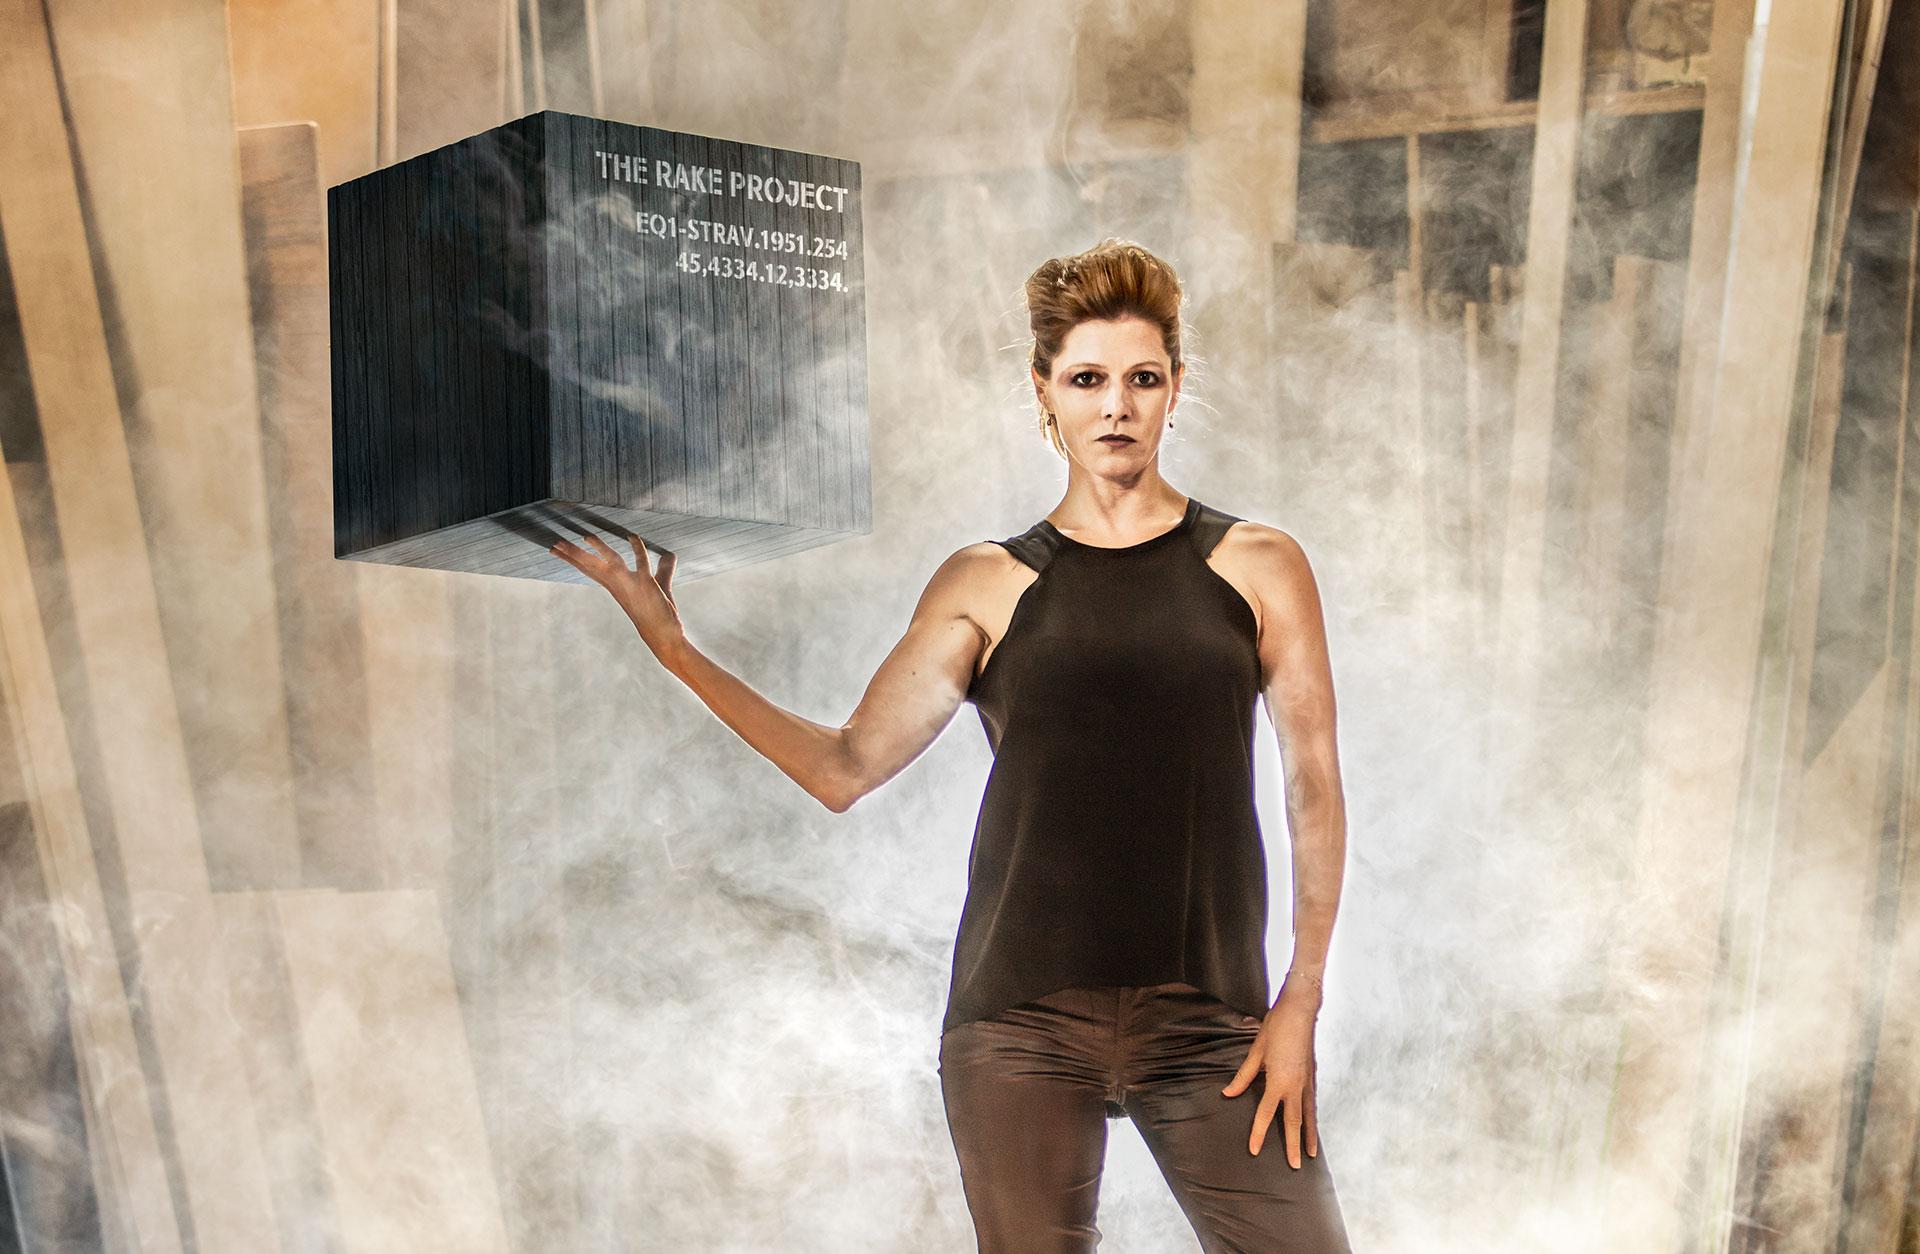 Dirigenten Barbara Hannigan står mot en ruffig fond. Hon håller en stor svart låda i handen med texten The Rake Project. Rummet är fyllt av rök.